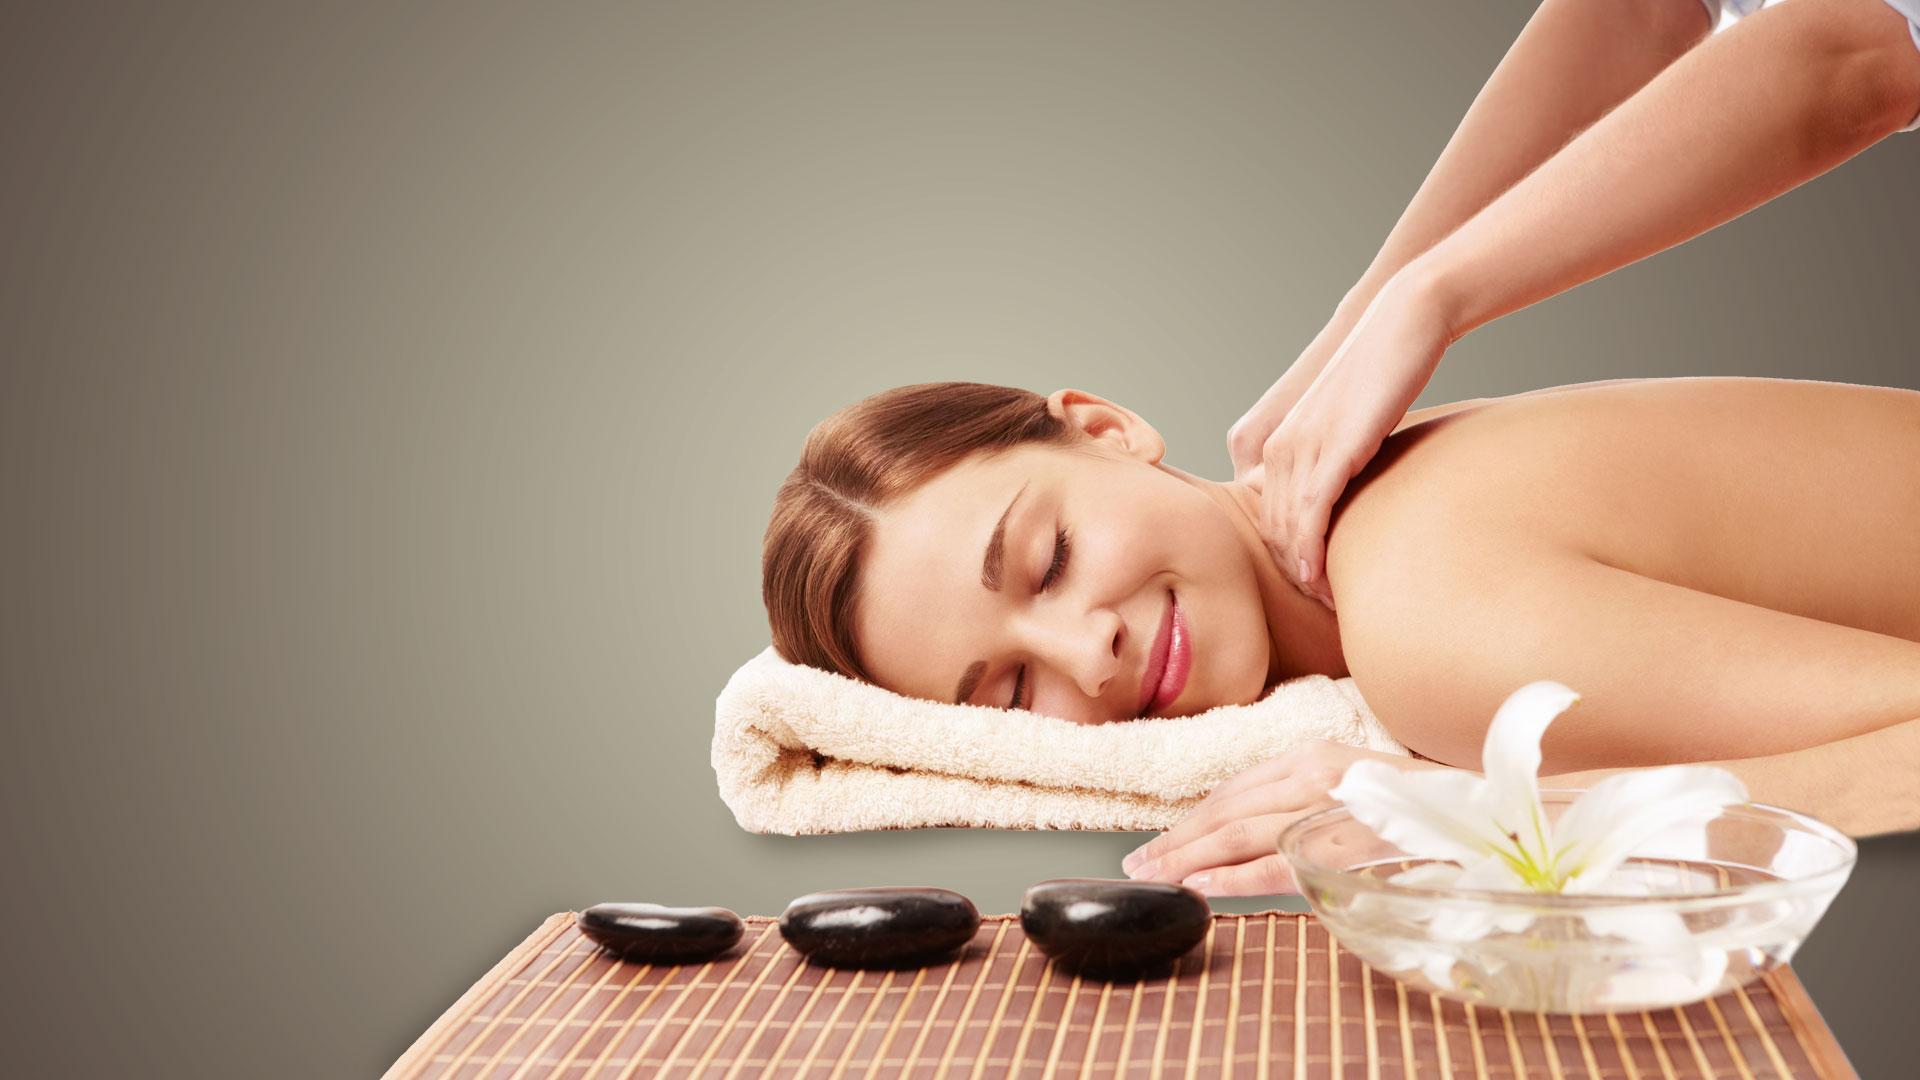 patricia-gomes-slide4-massagens